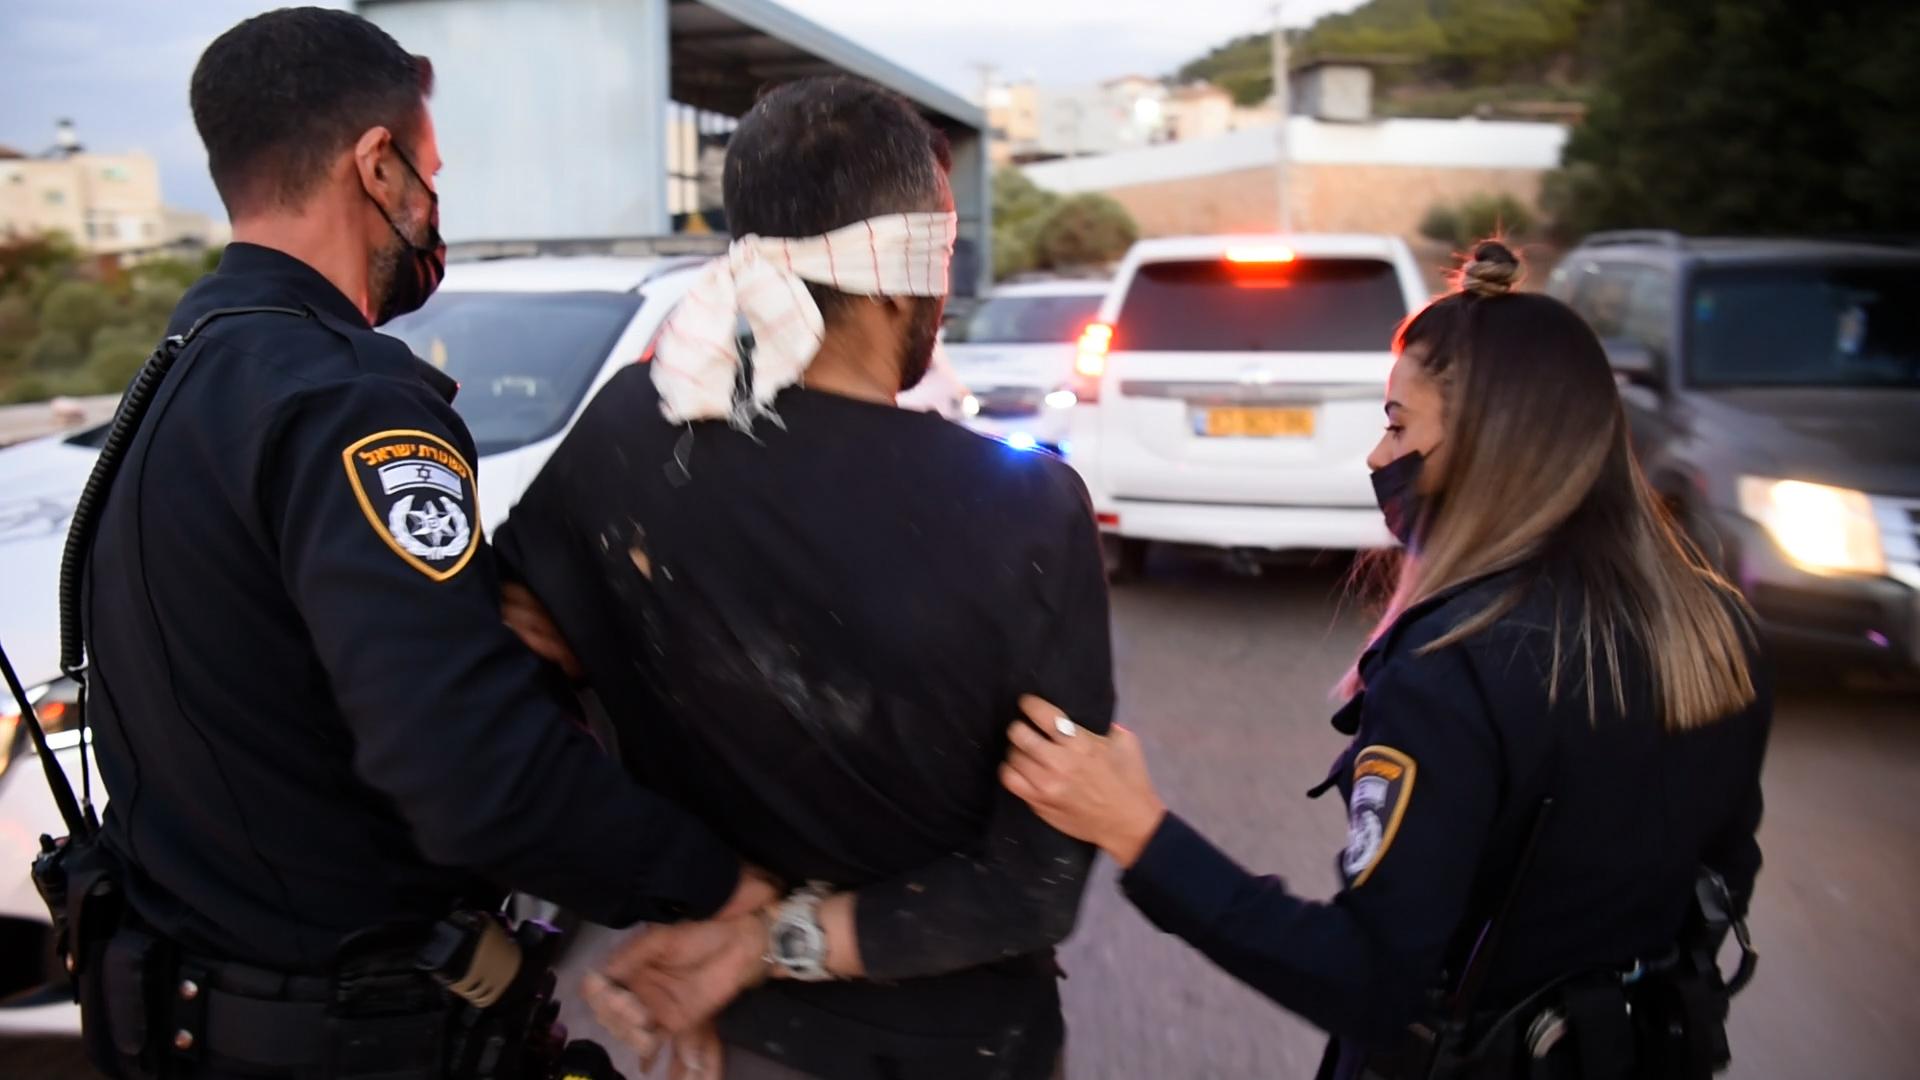 נלכדו עוד שניים מהאסירים הנמלטים בכפר אום אל גאנם כשהם מסתתרים בחניון משאיות